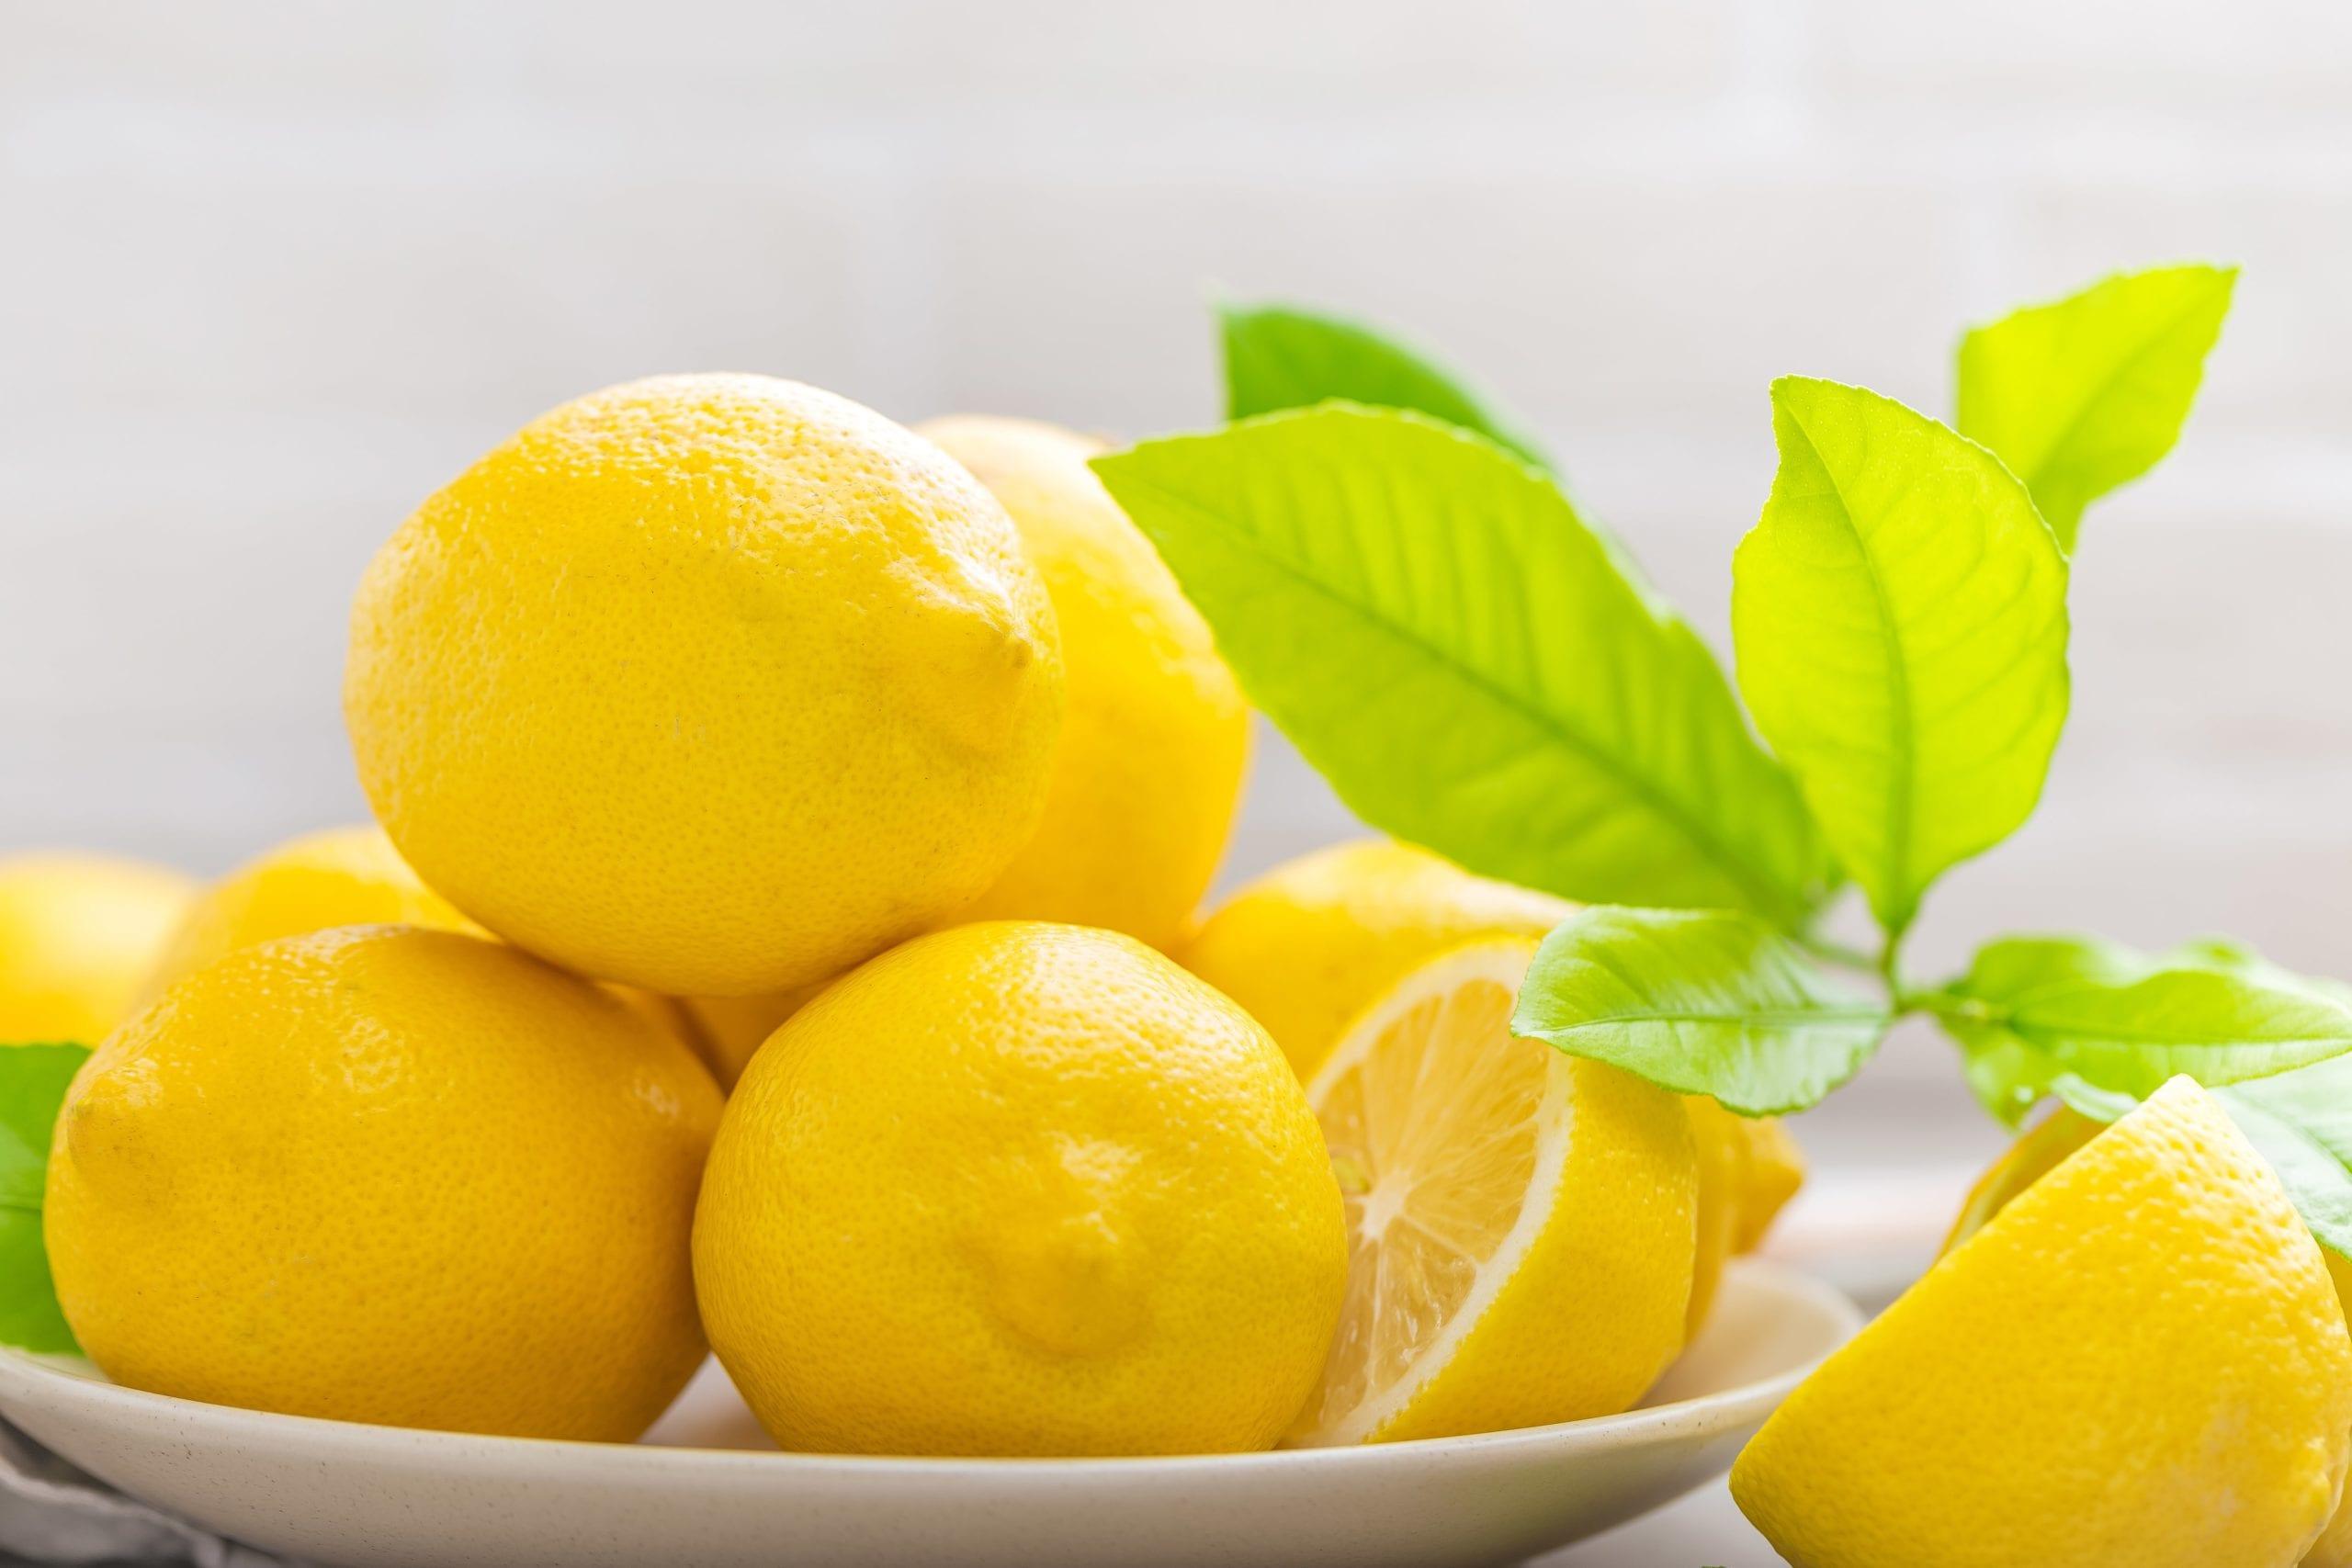 Fresh lemons for lemon CBD oil tincture